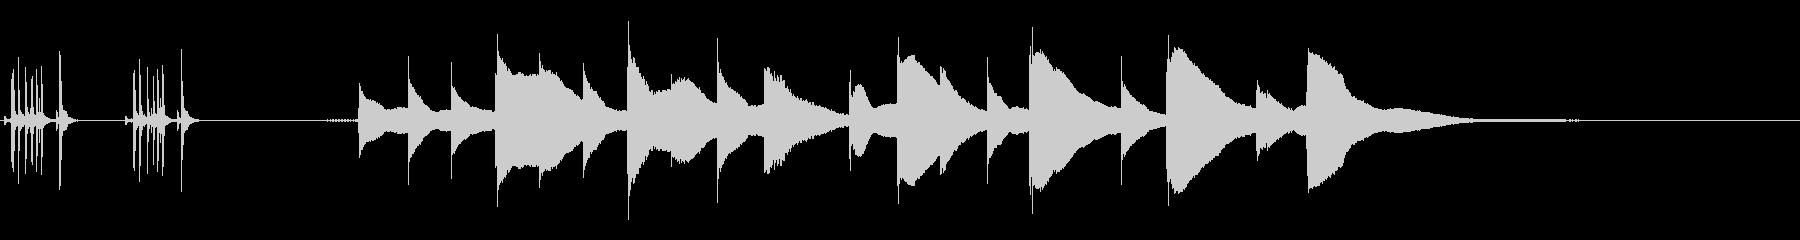 ジングル用オルゴール楽曲03-1の未再生の波形